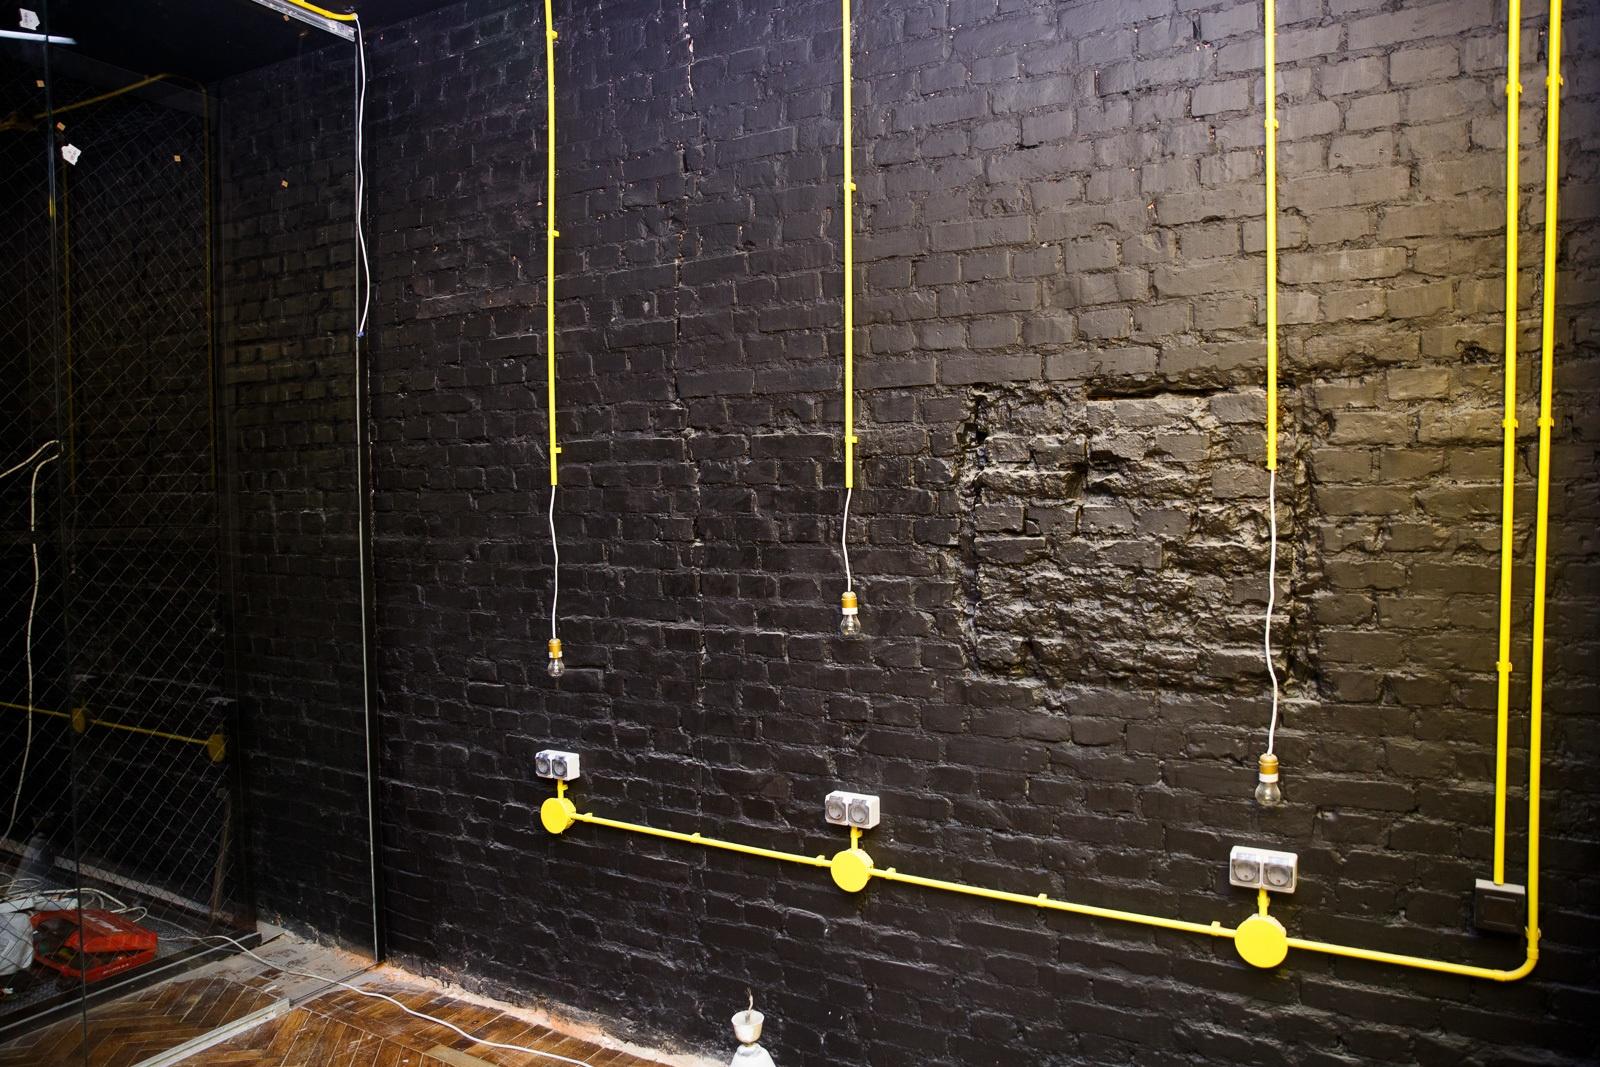 Как Тесла встретился с Ландау, или Гайд по строительству комнаты высоких энергий - 29